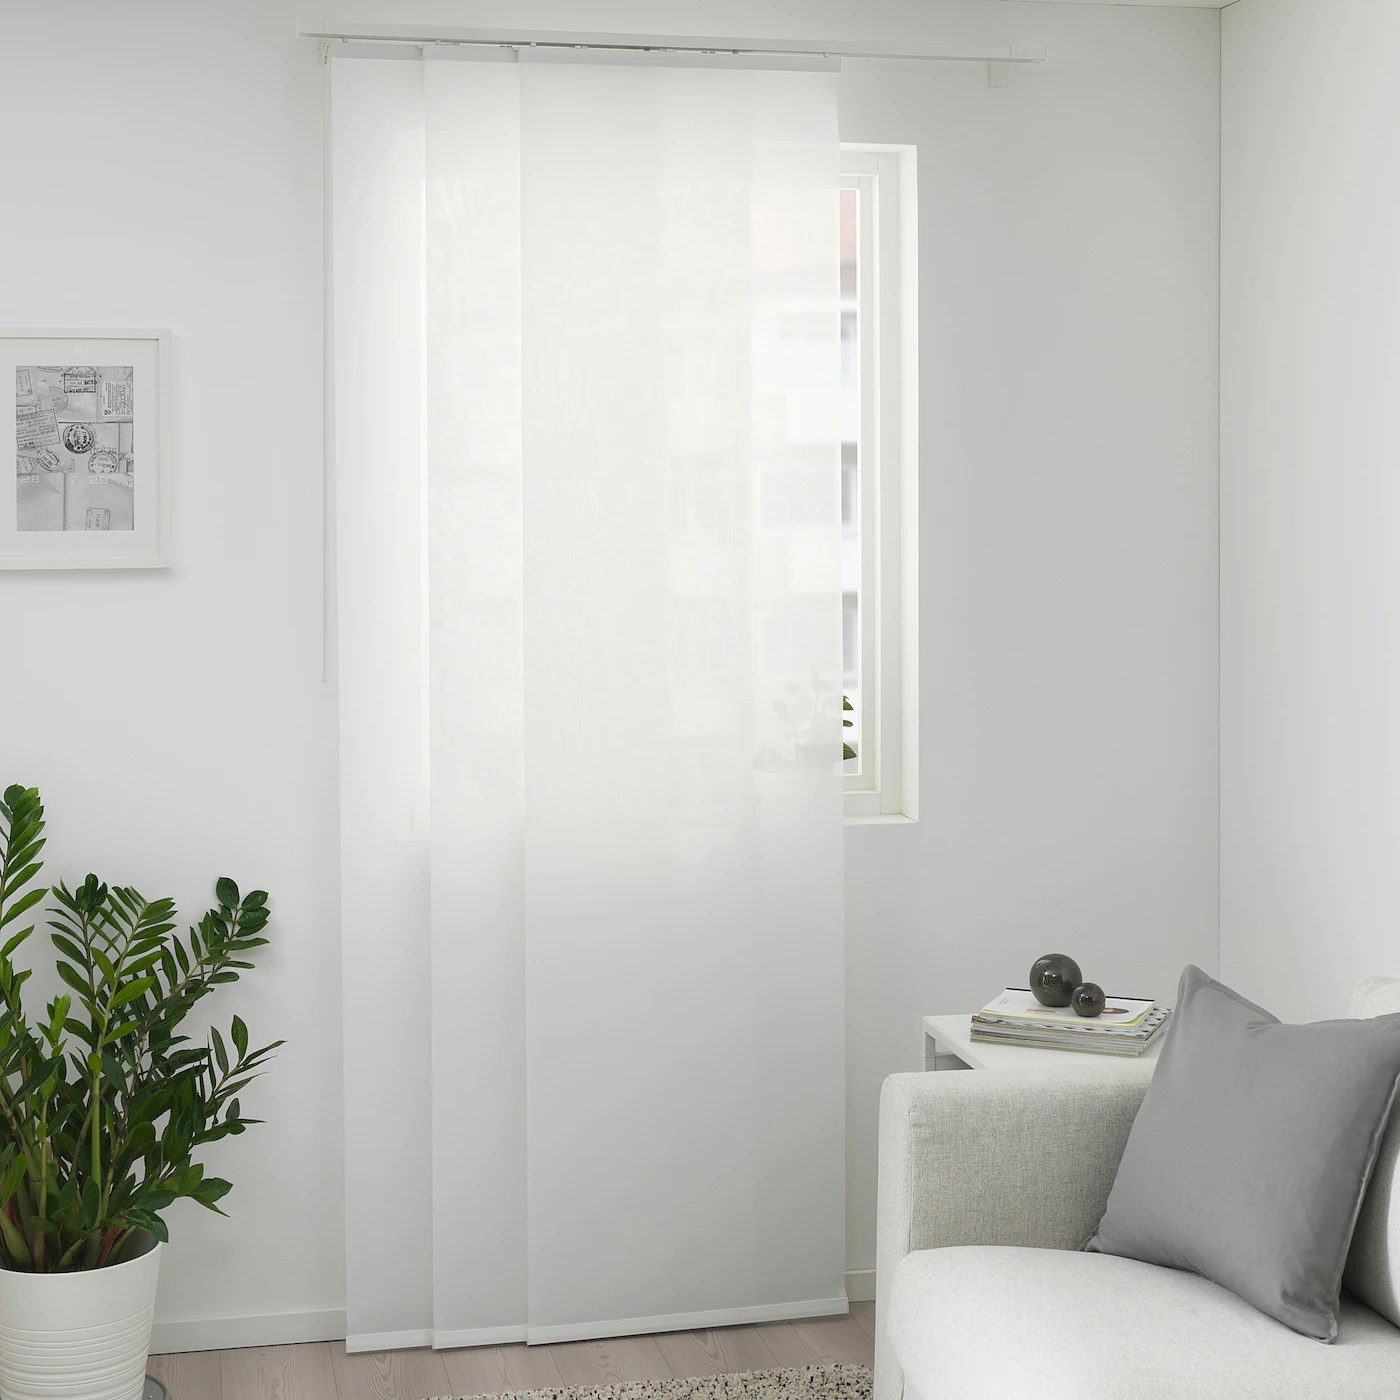 Divisori da stanza, scaffalature divisorie stanza, divisorio,. Ingjerd Tenda A Pannello Bianco 60x300 Cm Ikea It